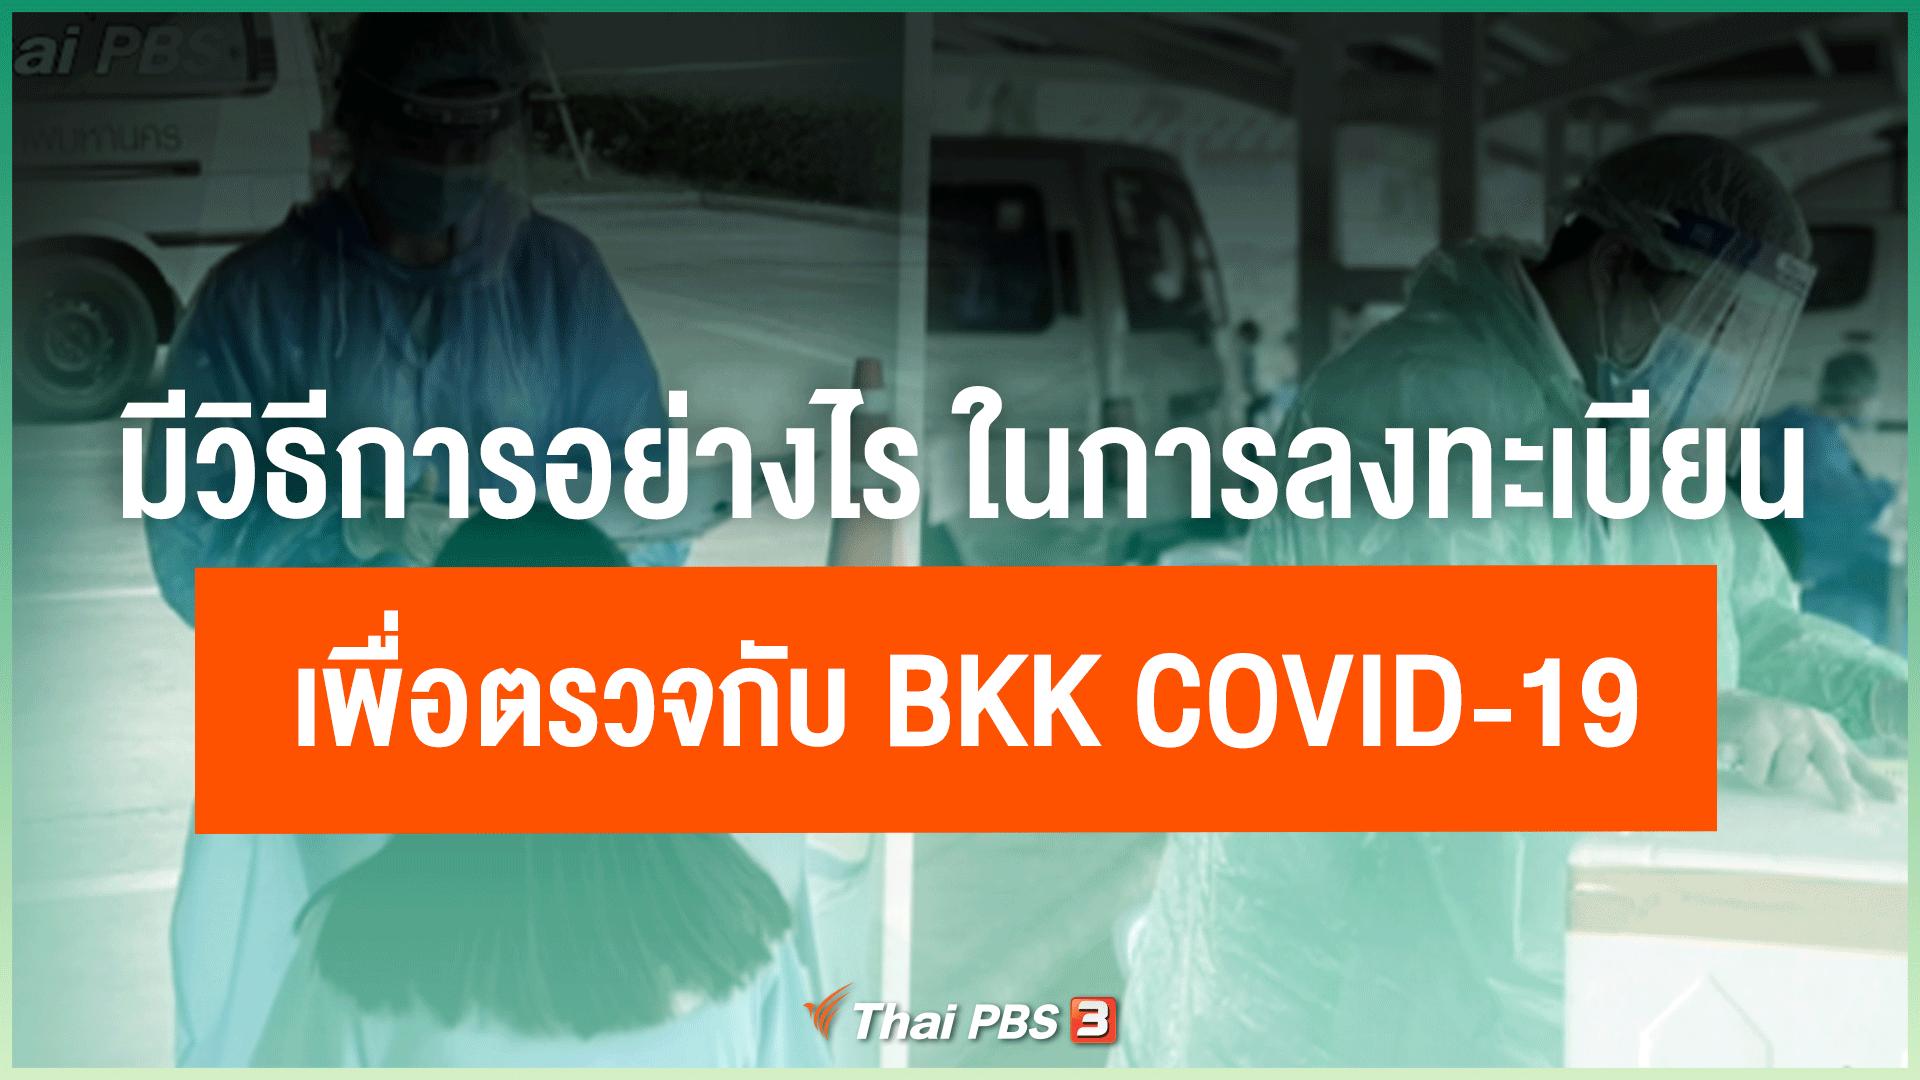 มีวิธีการอย่างไร ? ในการลงทะเบียนเพื่อขอรับการตรวจกับ BKK covid-19